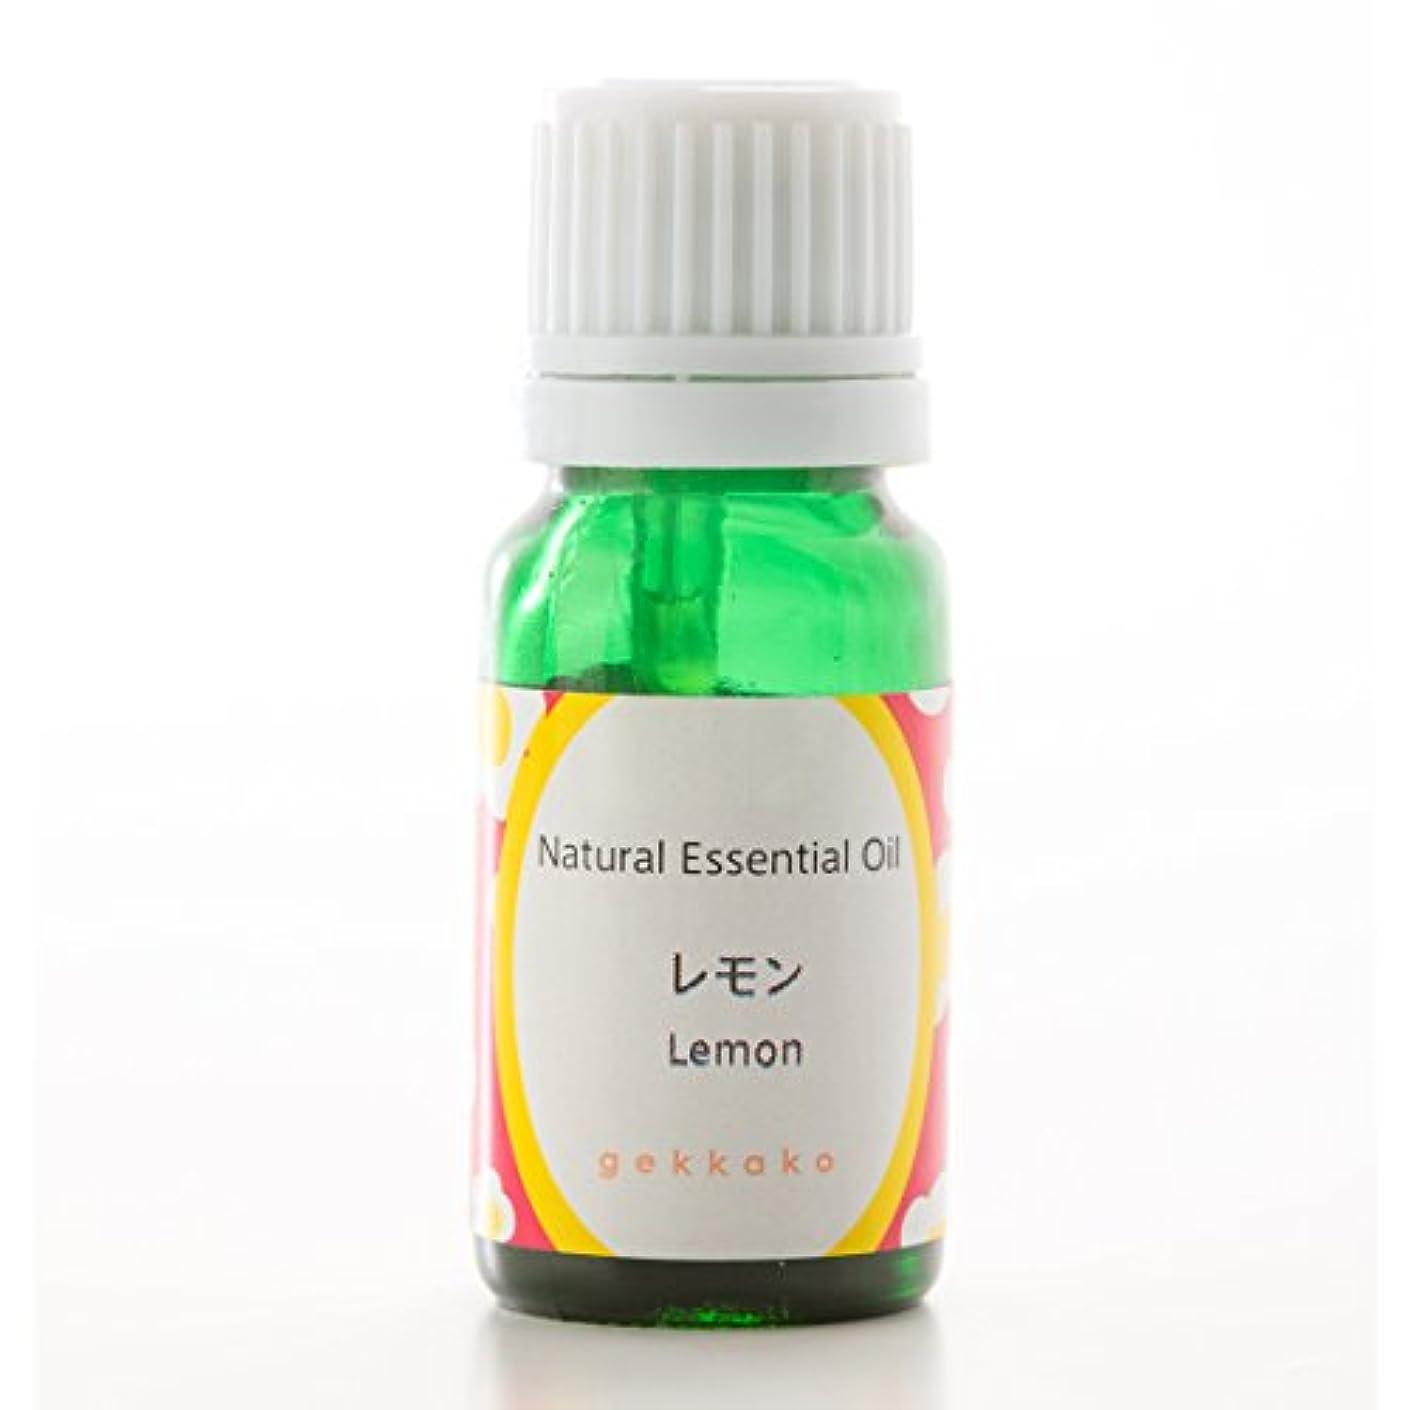 ぼかすやりがいのある明確な<月下香>エッセンシャルオイル/アロマ/レモン【5ml】 (5ml)